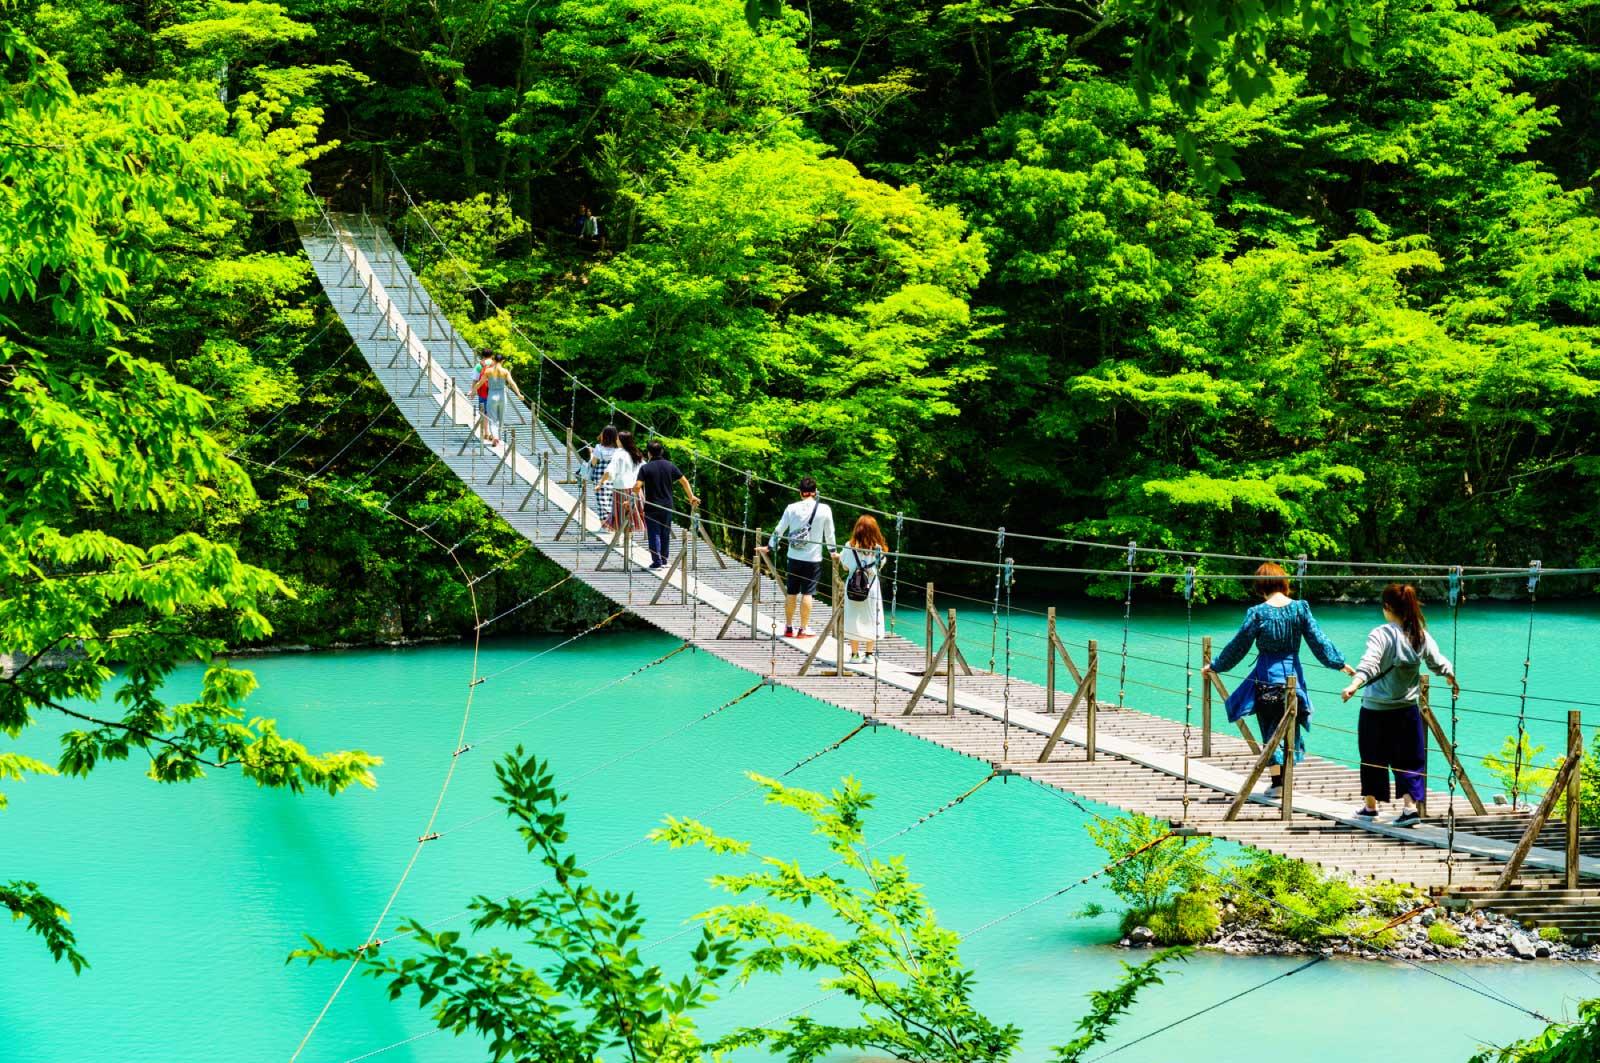 静岡には自然スポットもたくさんある